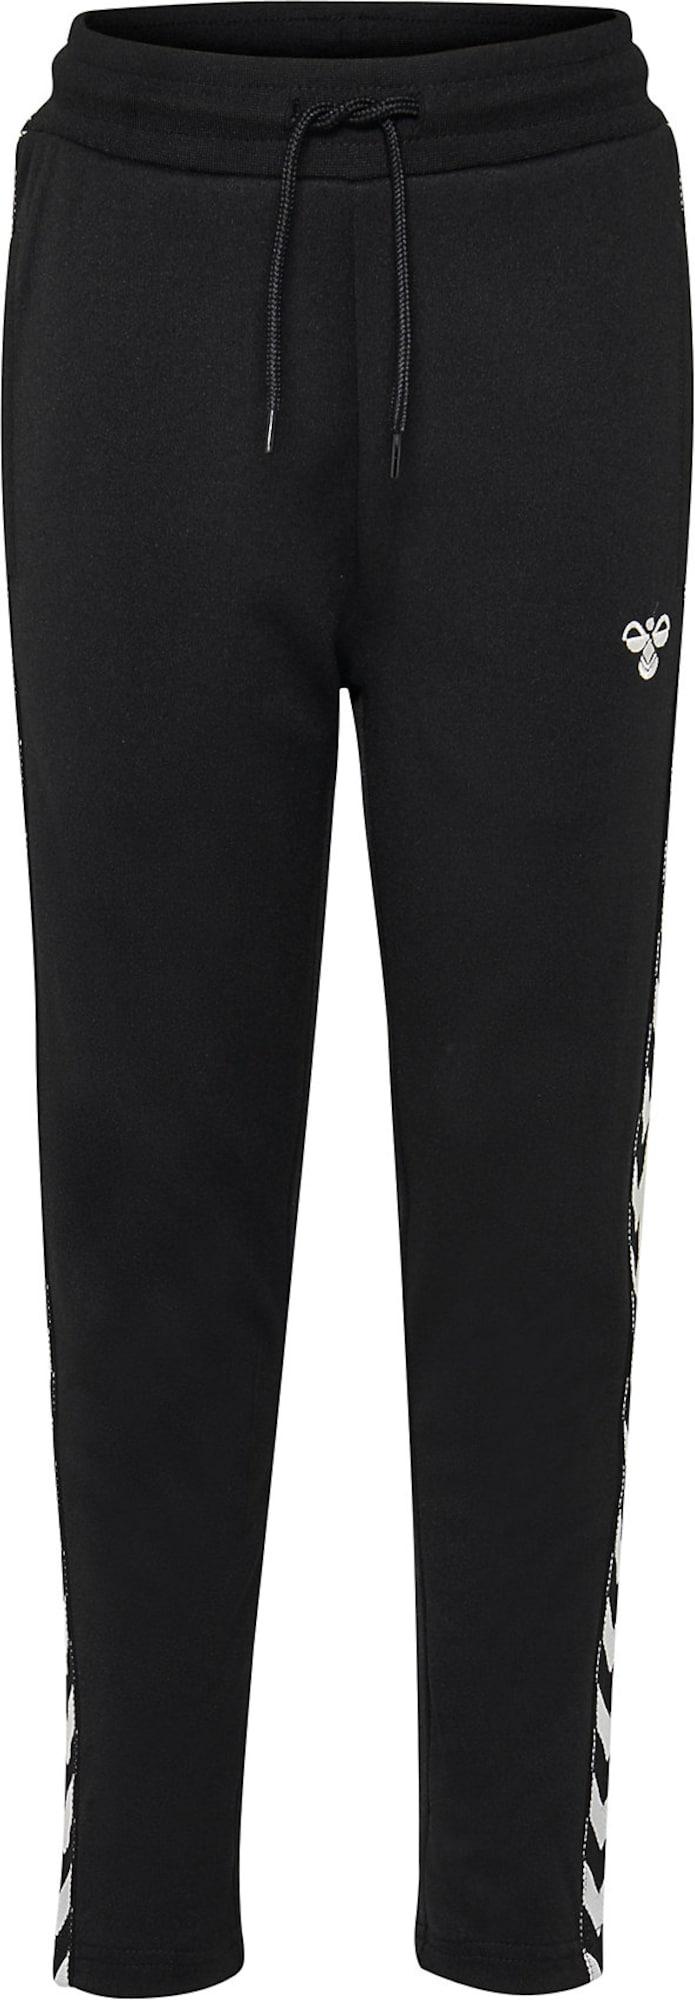 Hummel Sportinės kelnės balta / juoda